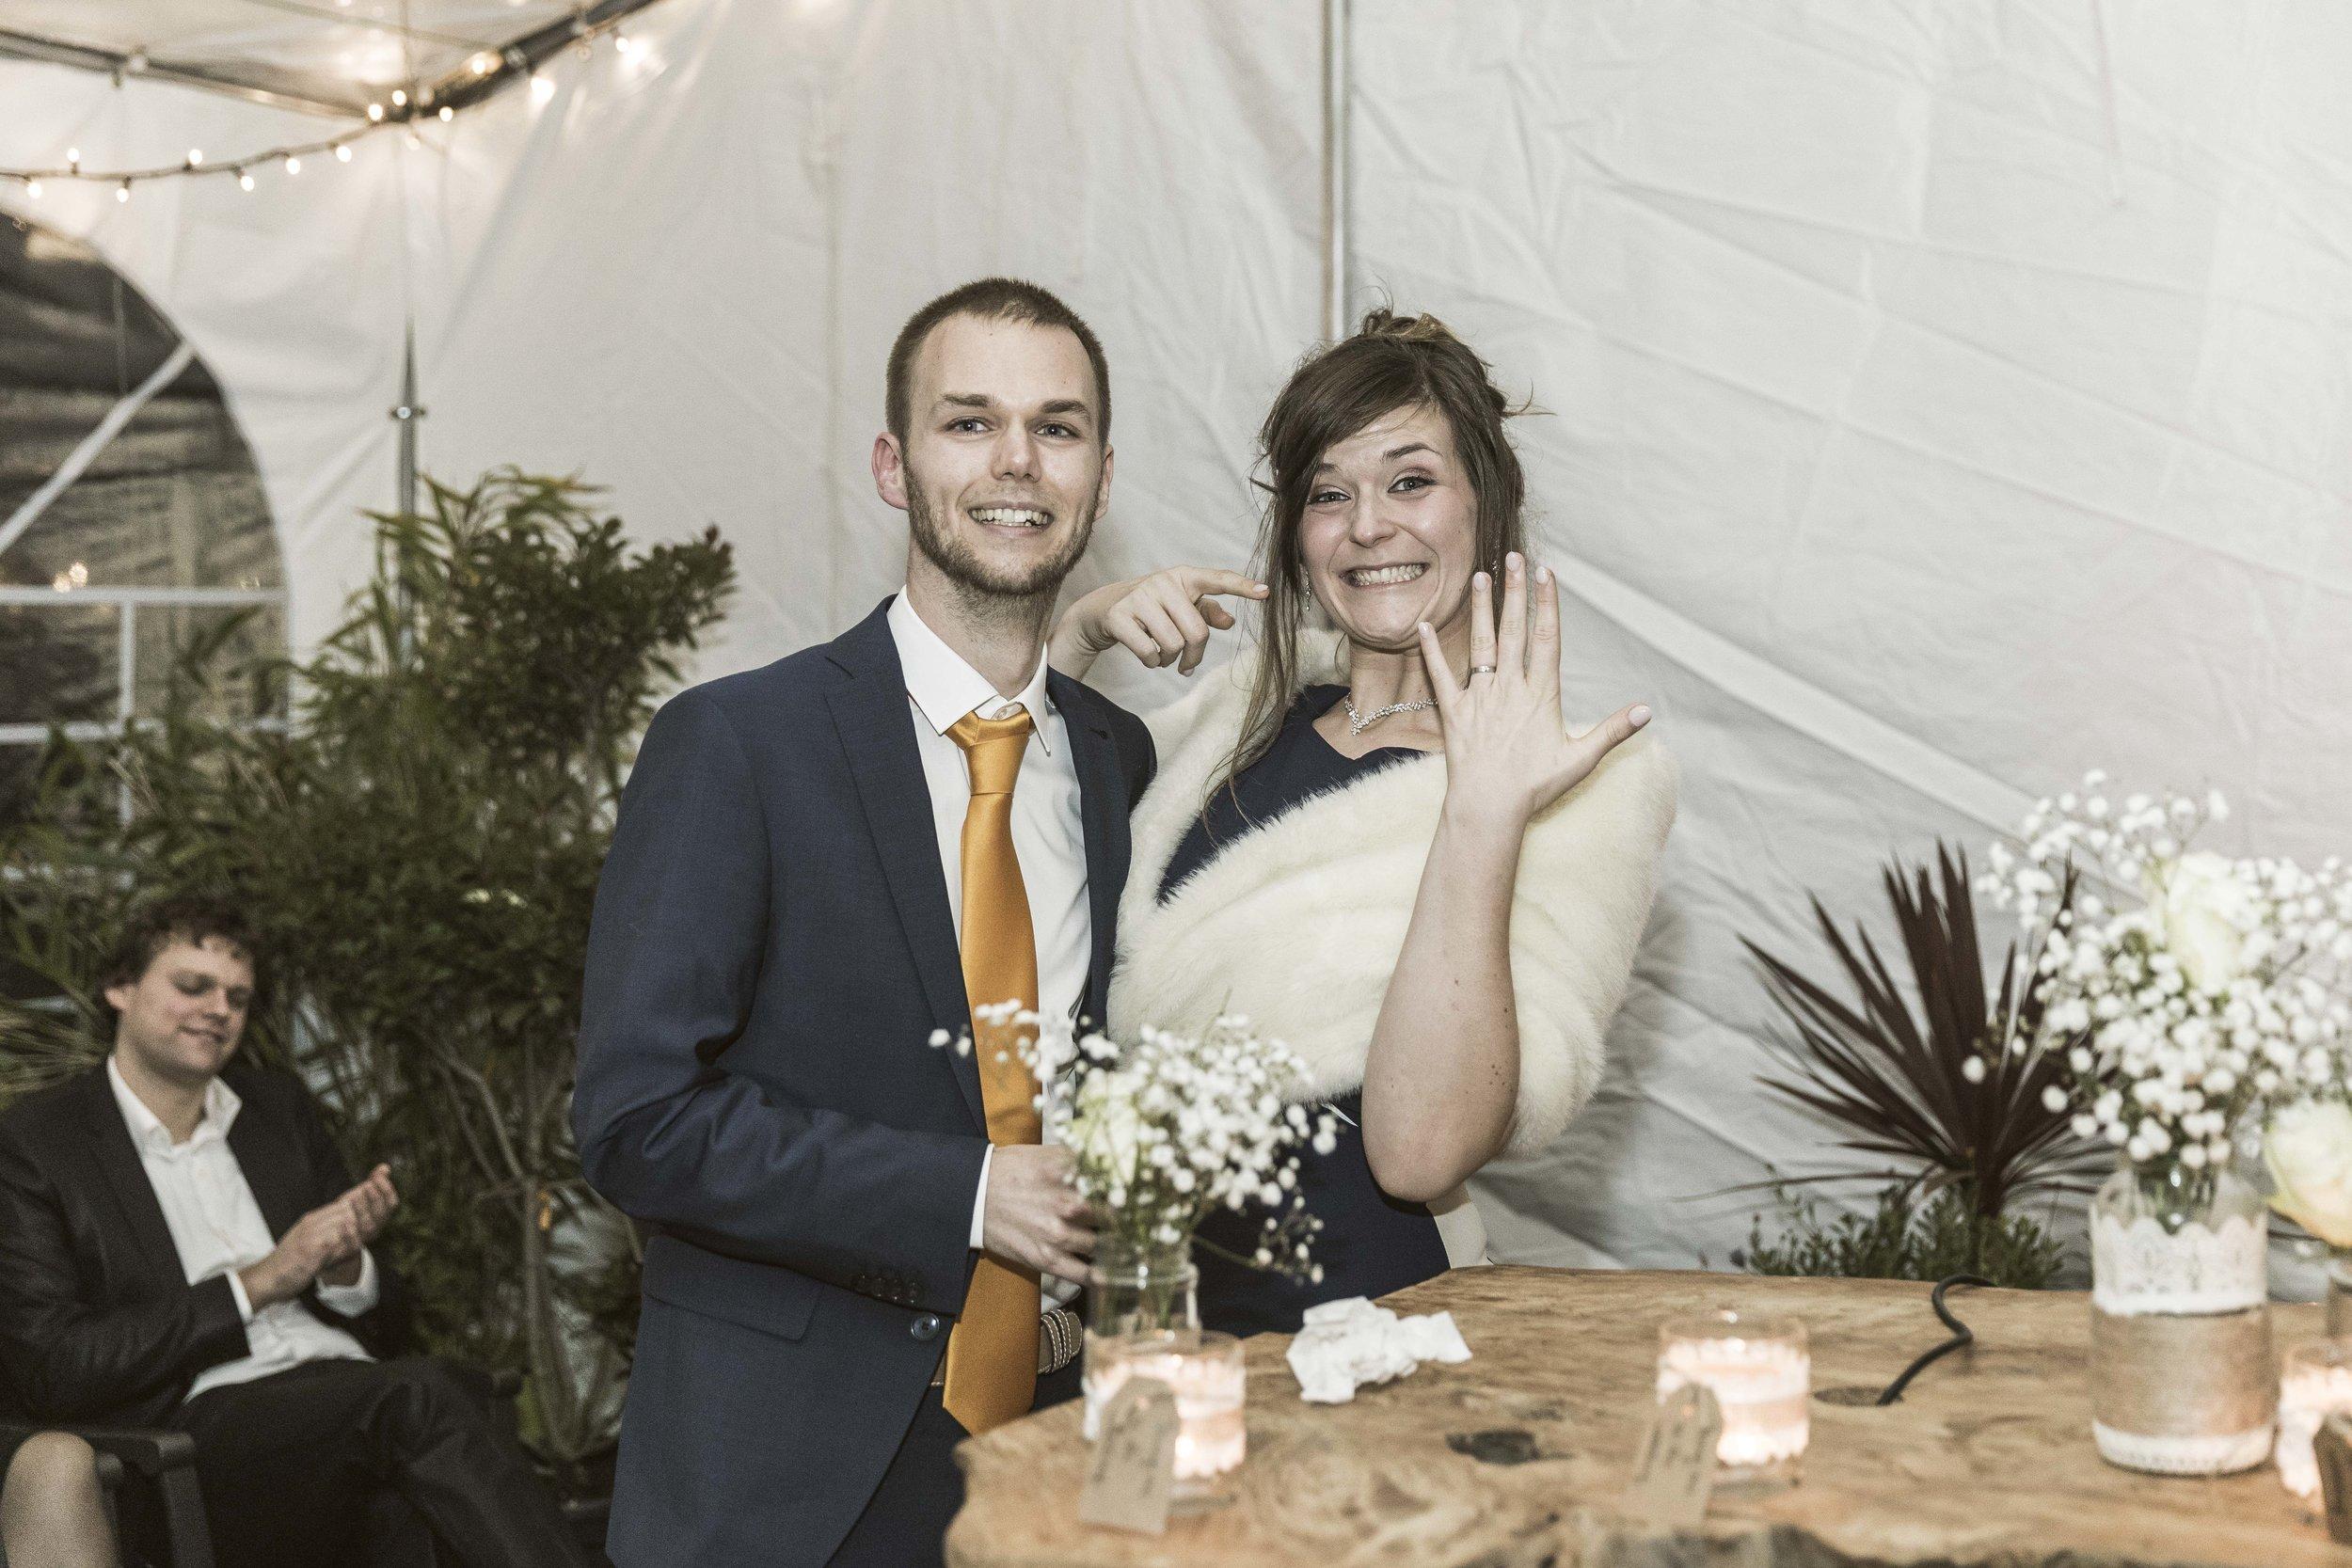 Huwelijk-Karo-Steven-20171216-Alexis-Breugelmans-046.jpg